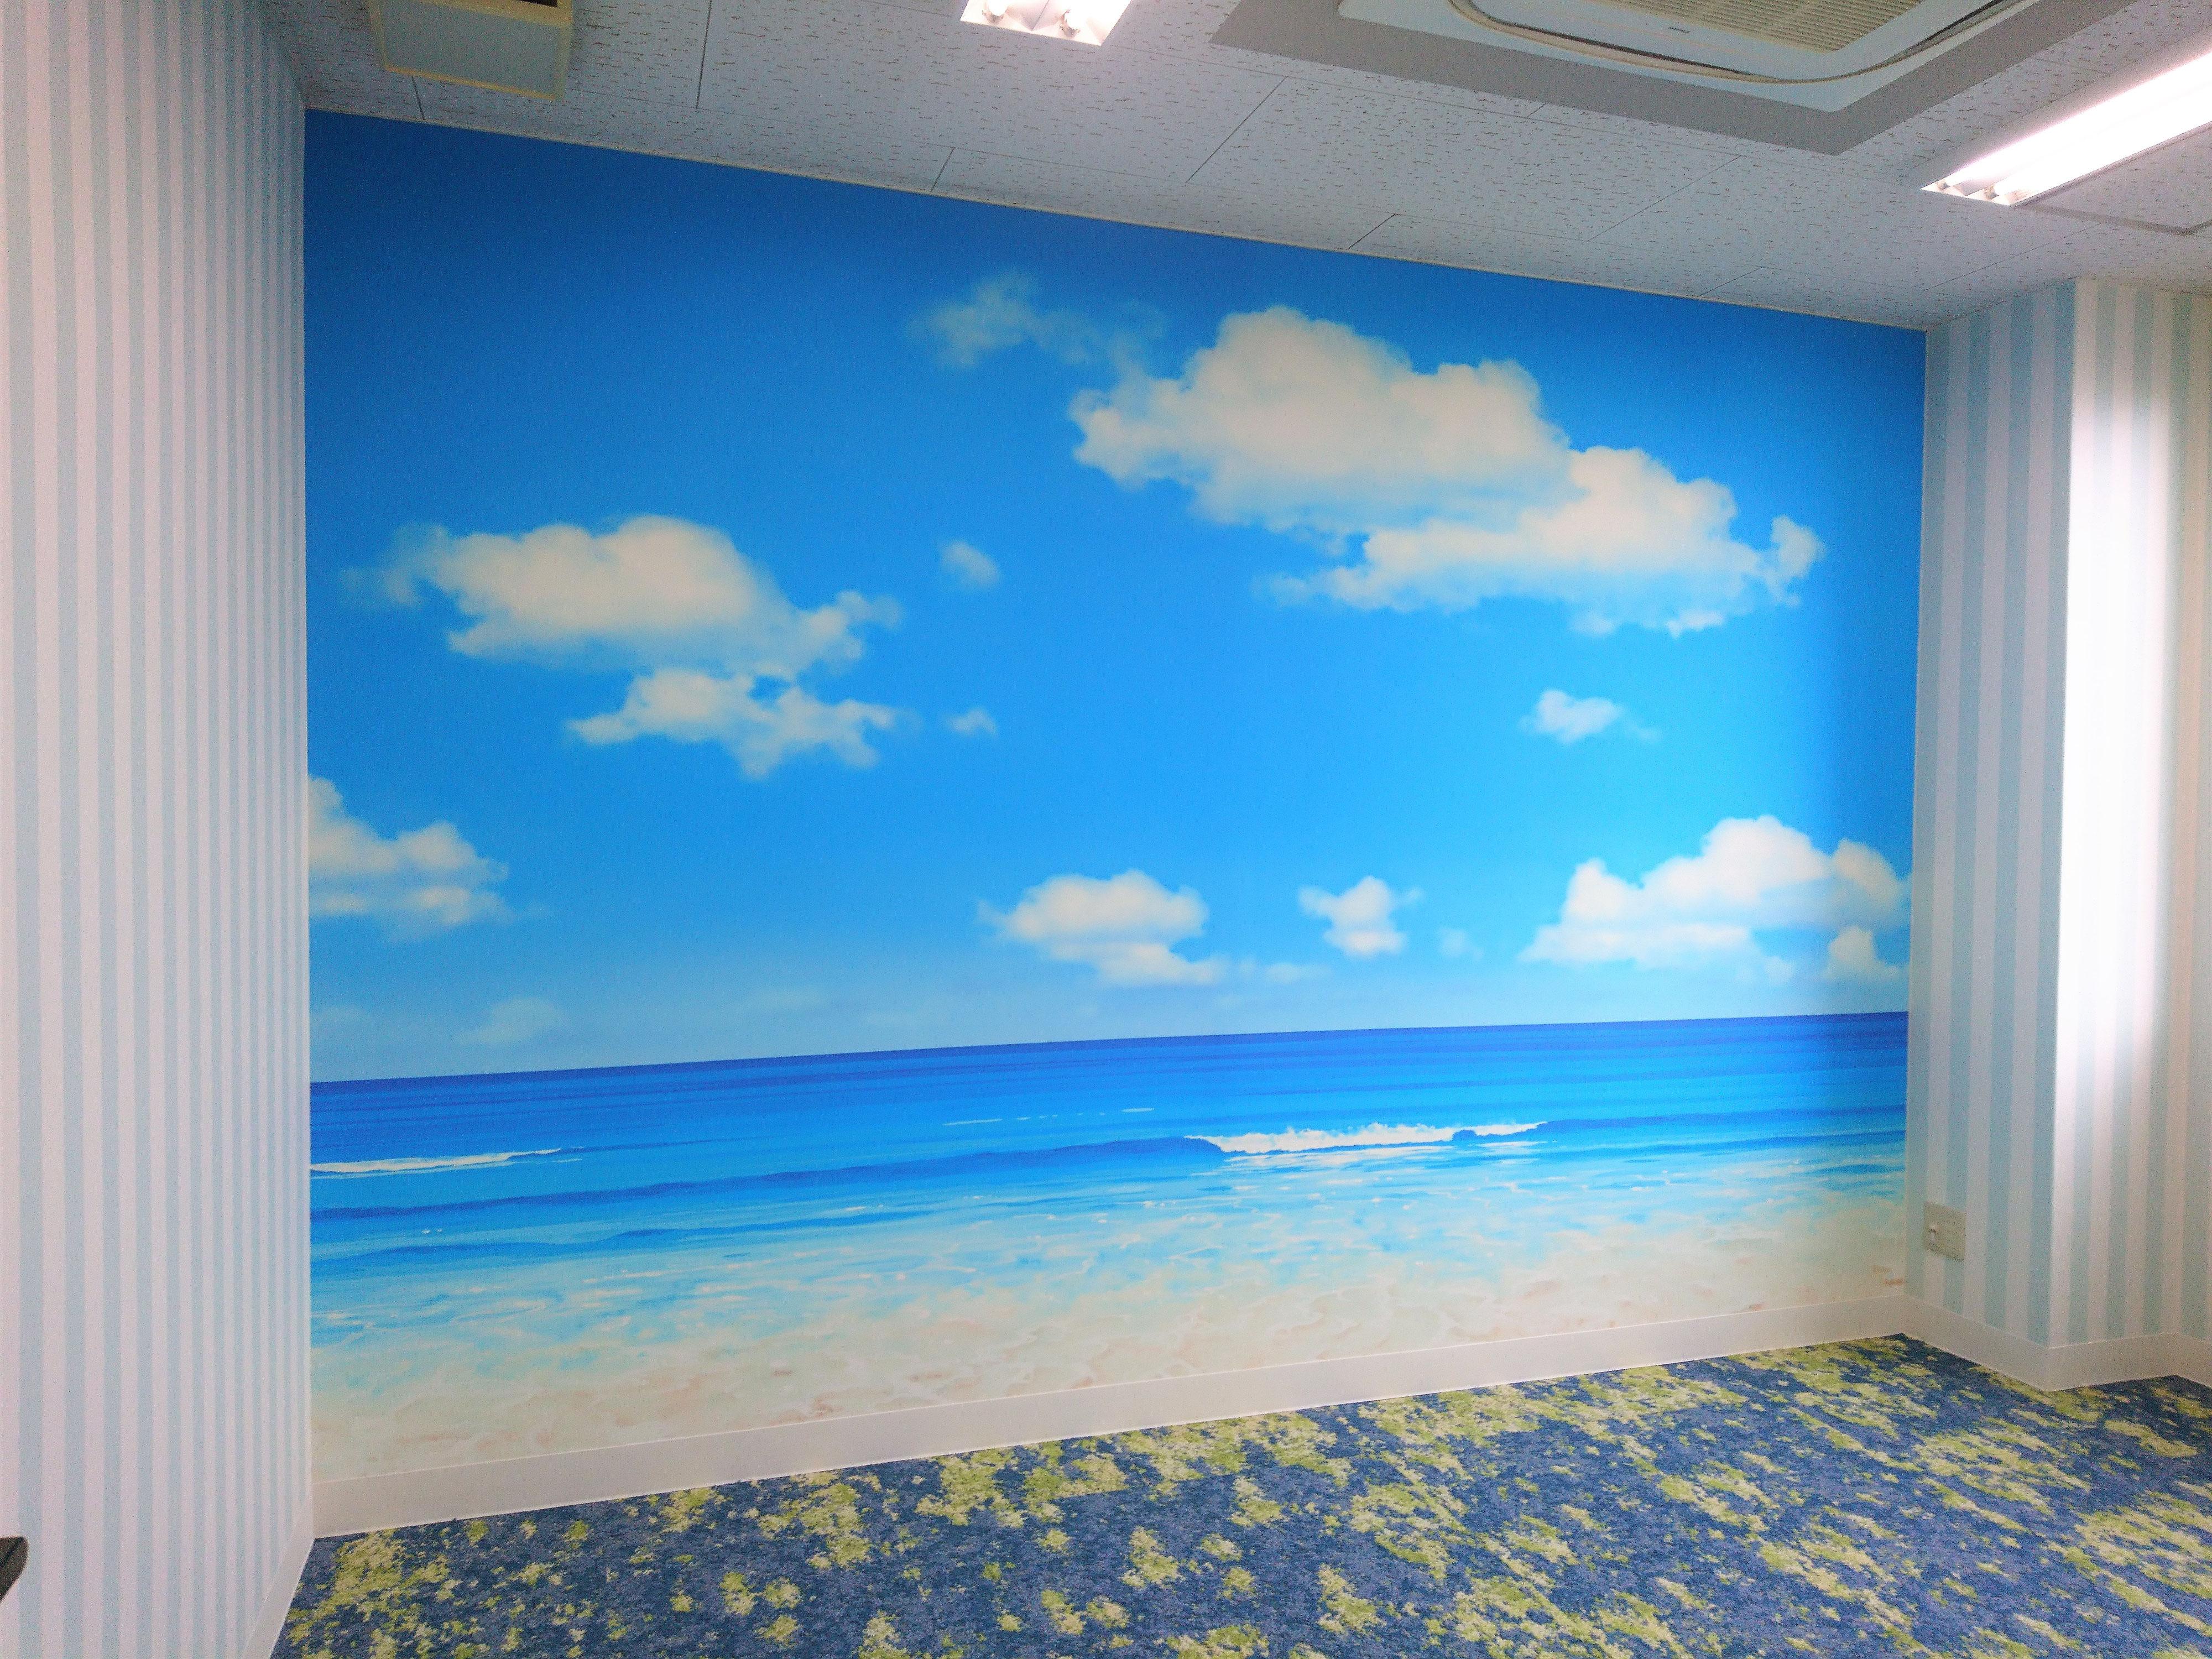 愛知県名古屋市 サンゲツの壁紙「ハイグラフィカ」施工 -  「イクメンリフォーム」は、岐阜・愛知(名古屋)でどこよりも絶対安く(激安)でリフォームを提供致します!